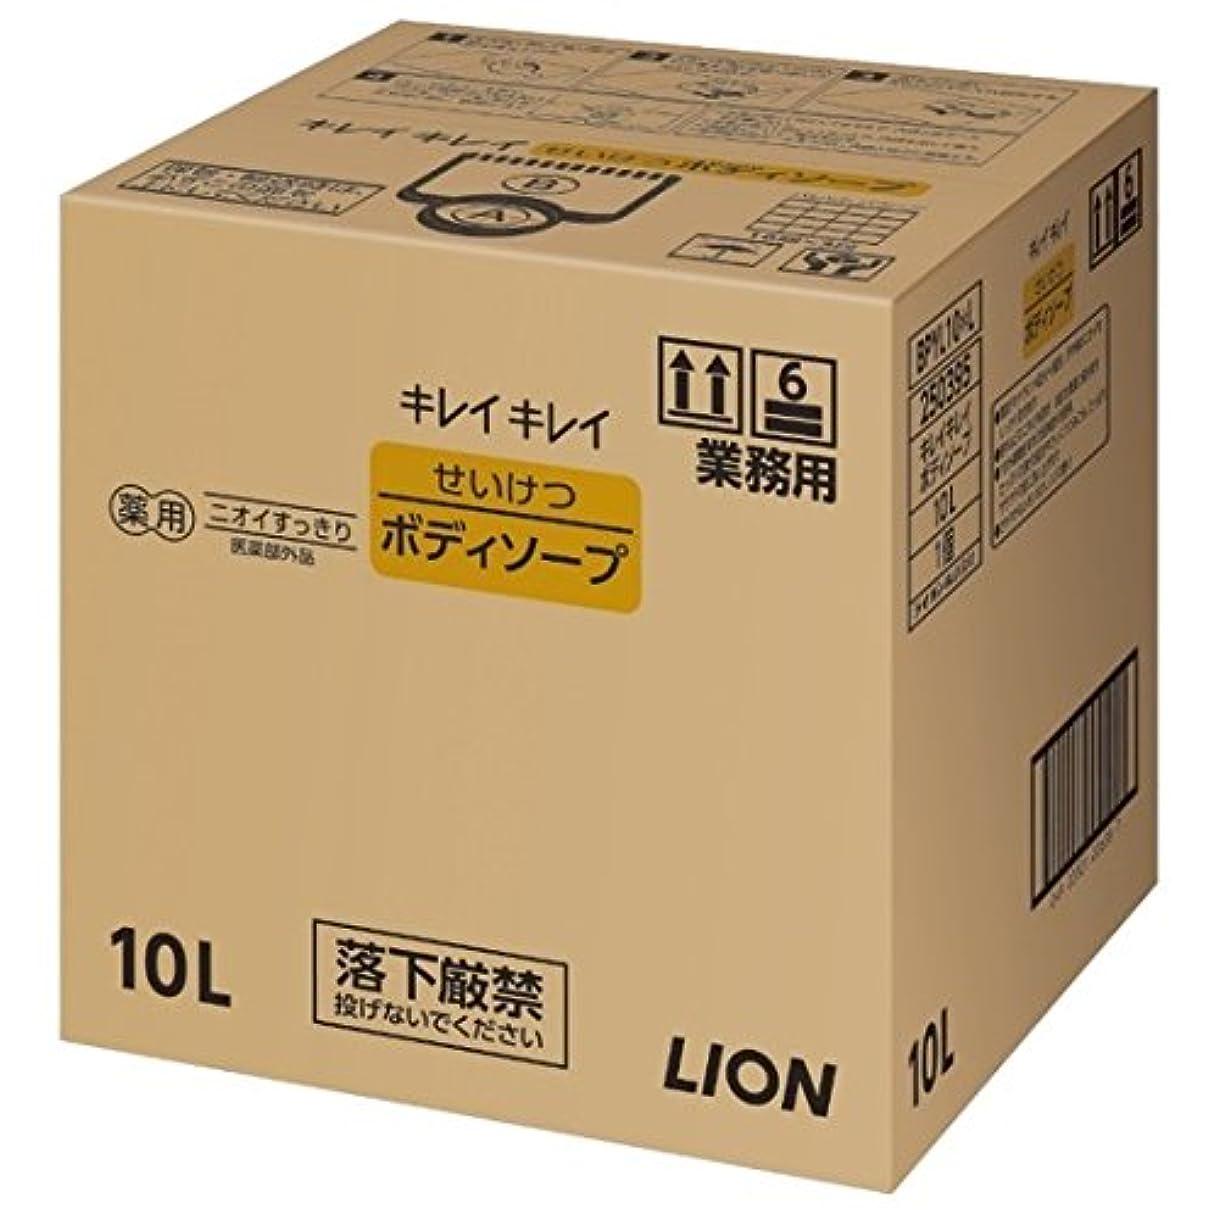 過去四半期心からライオン 業務用 キレイキレイ せいけつボディソープ 10L